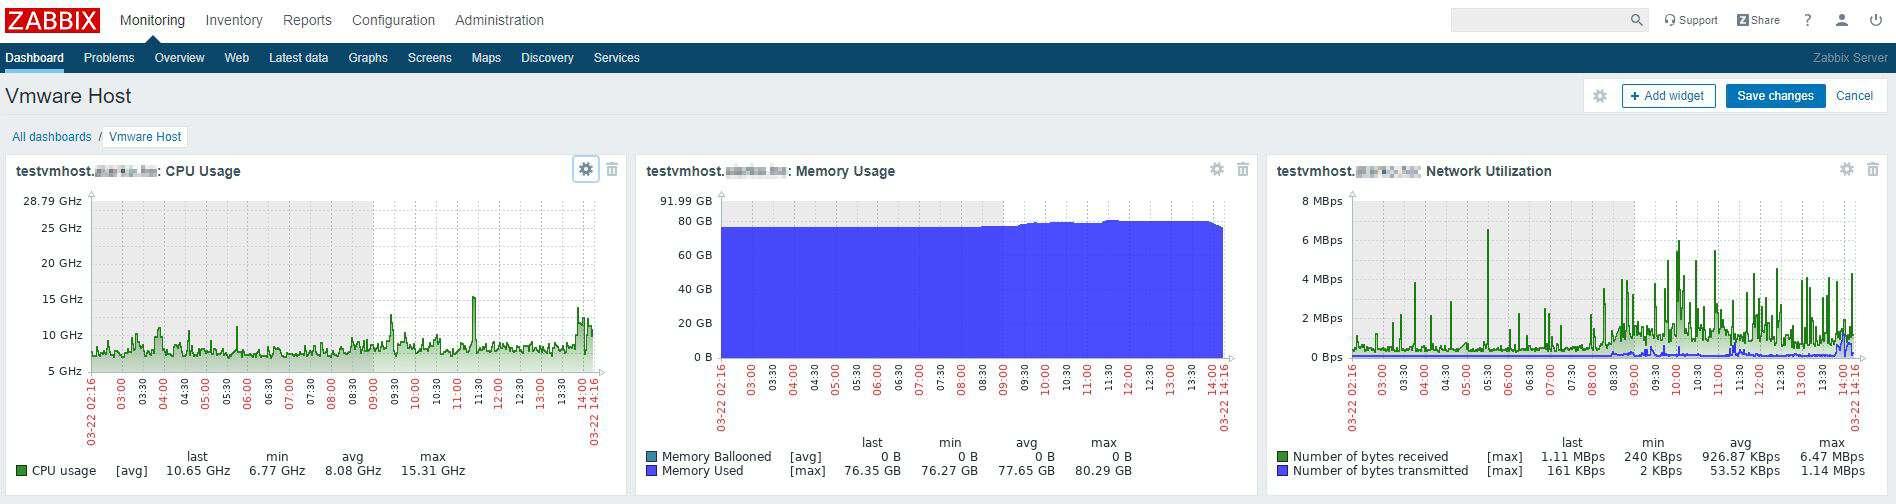 Zabbix Server Vmware Entegrasyonu 11